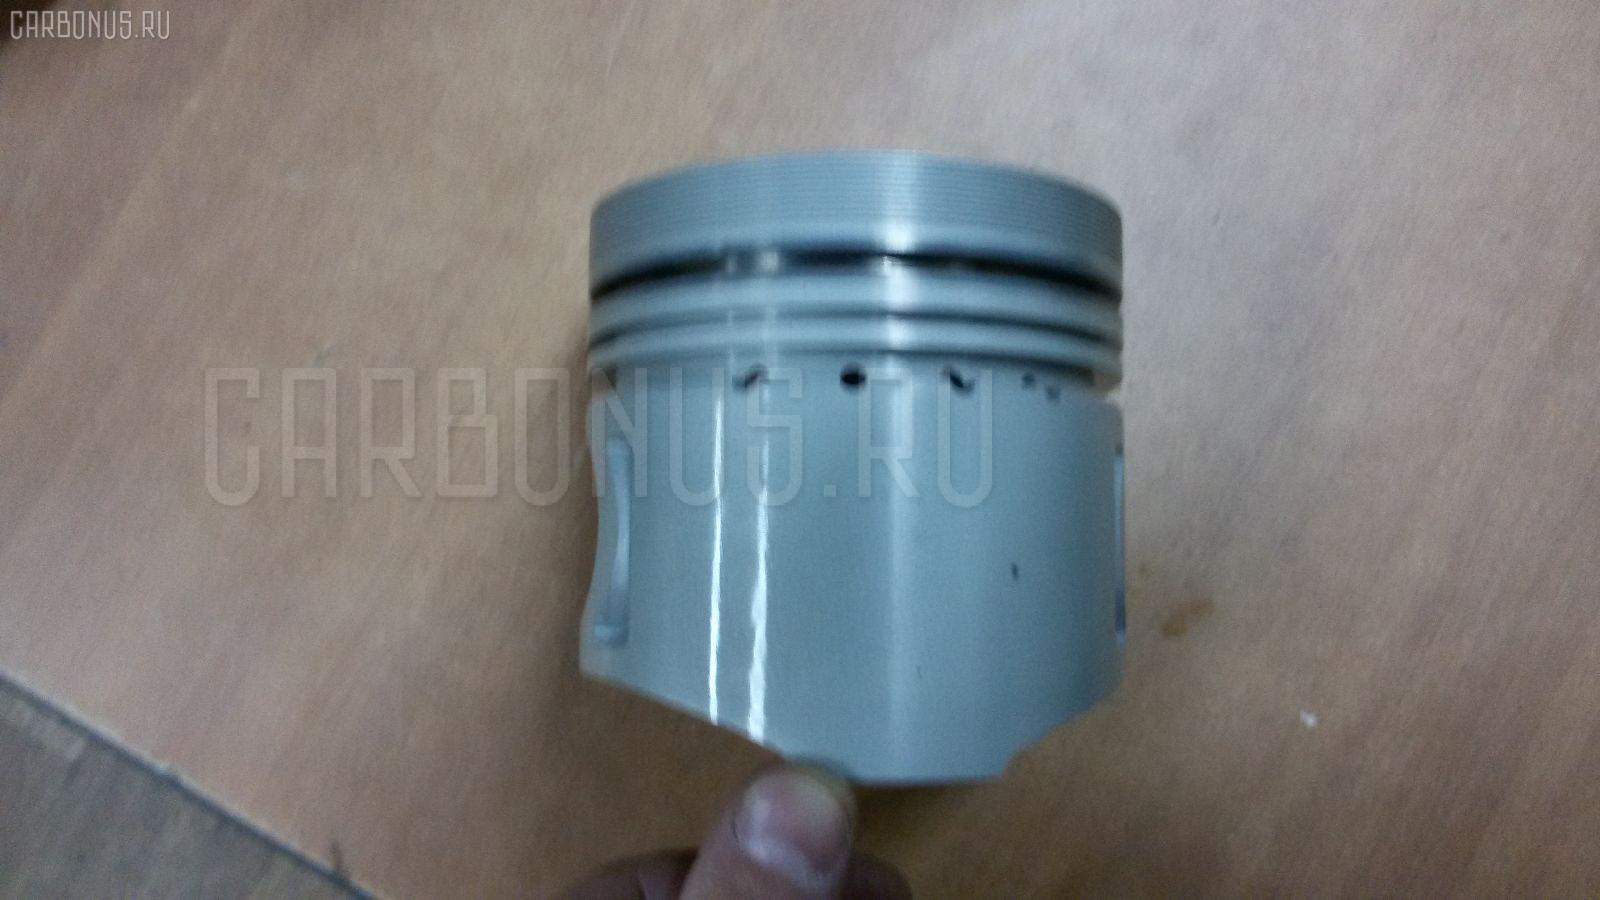 Поршень ISUZU ELF 4BD1 Фото 2